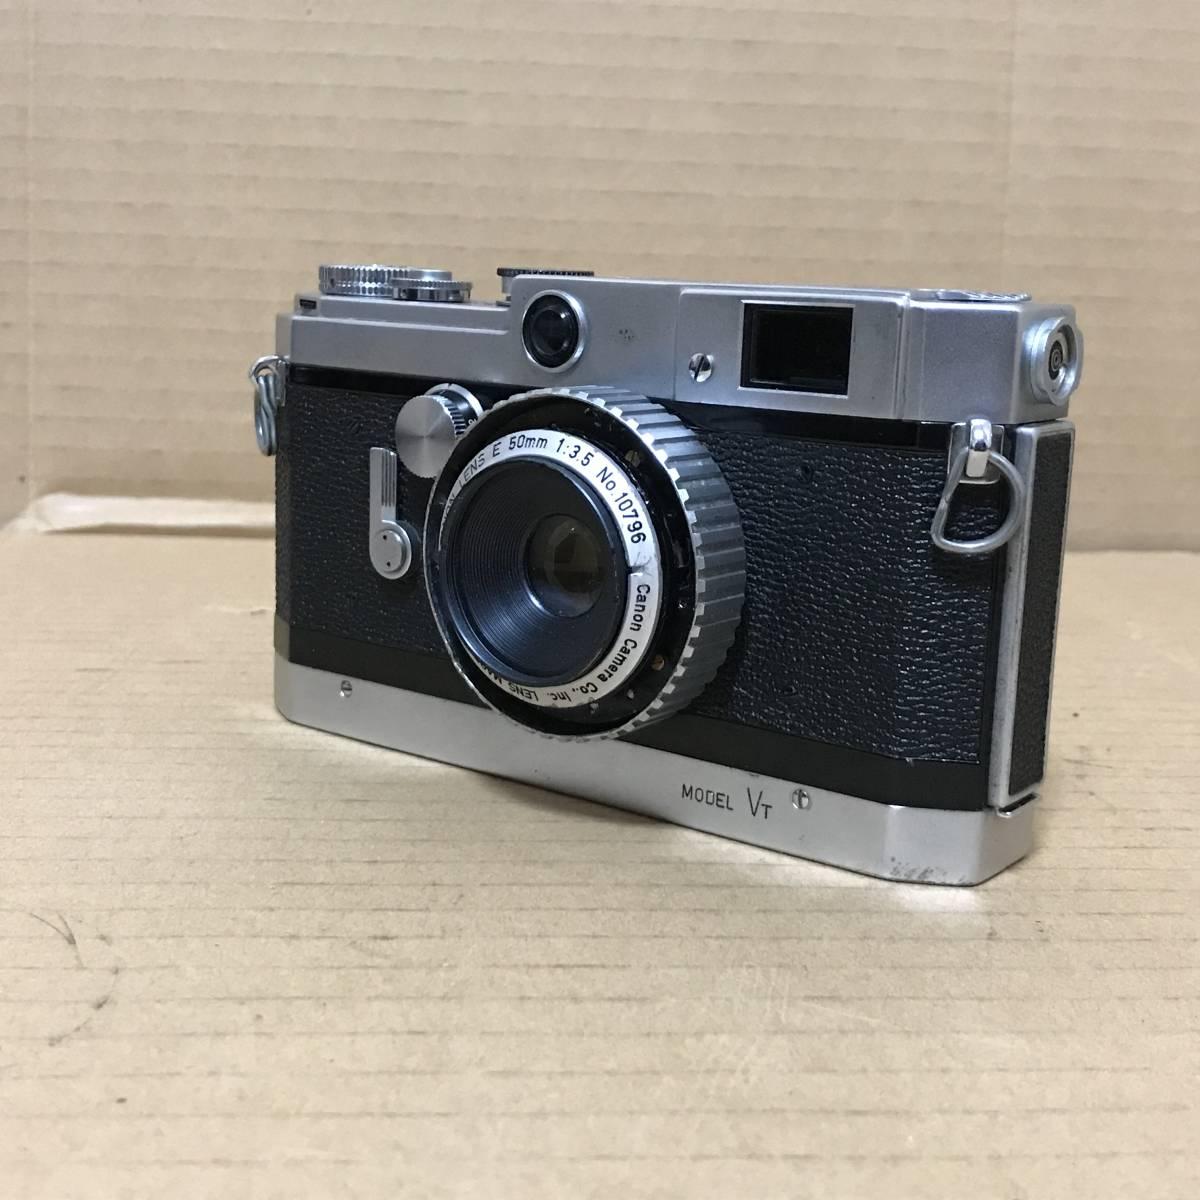 キャノン Canon VT レンジファインダー フィルム カメラ レンズ セット Range Finder Film Camera Lens